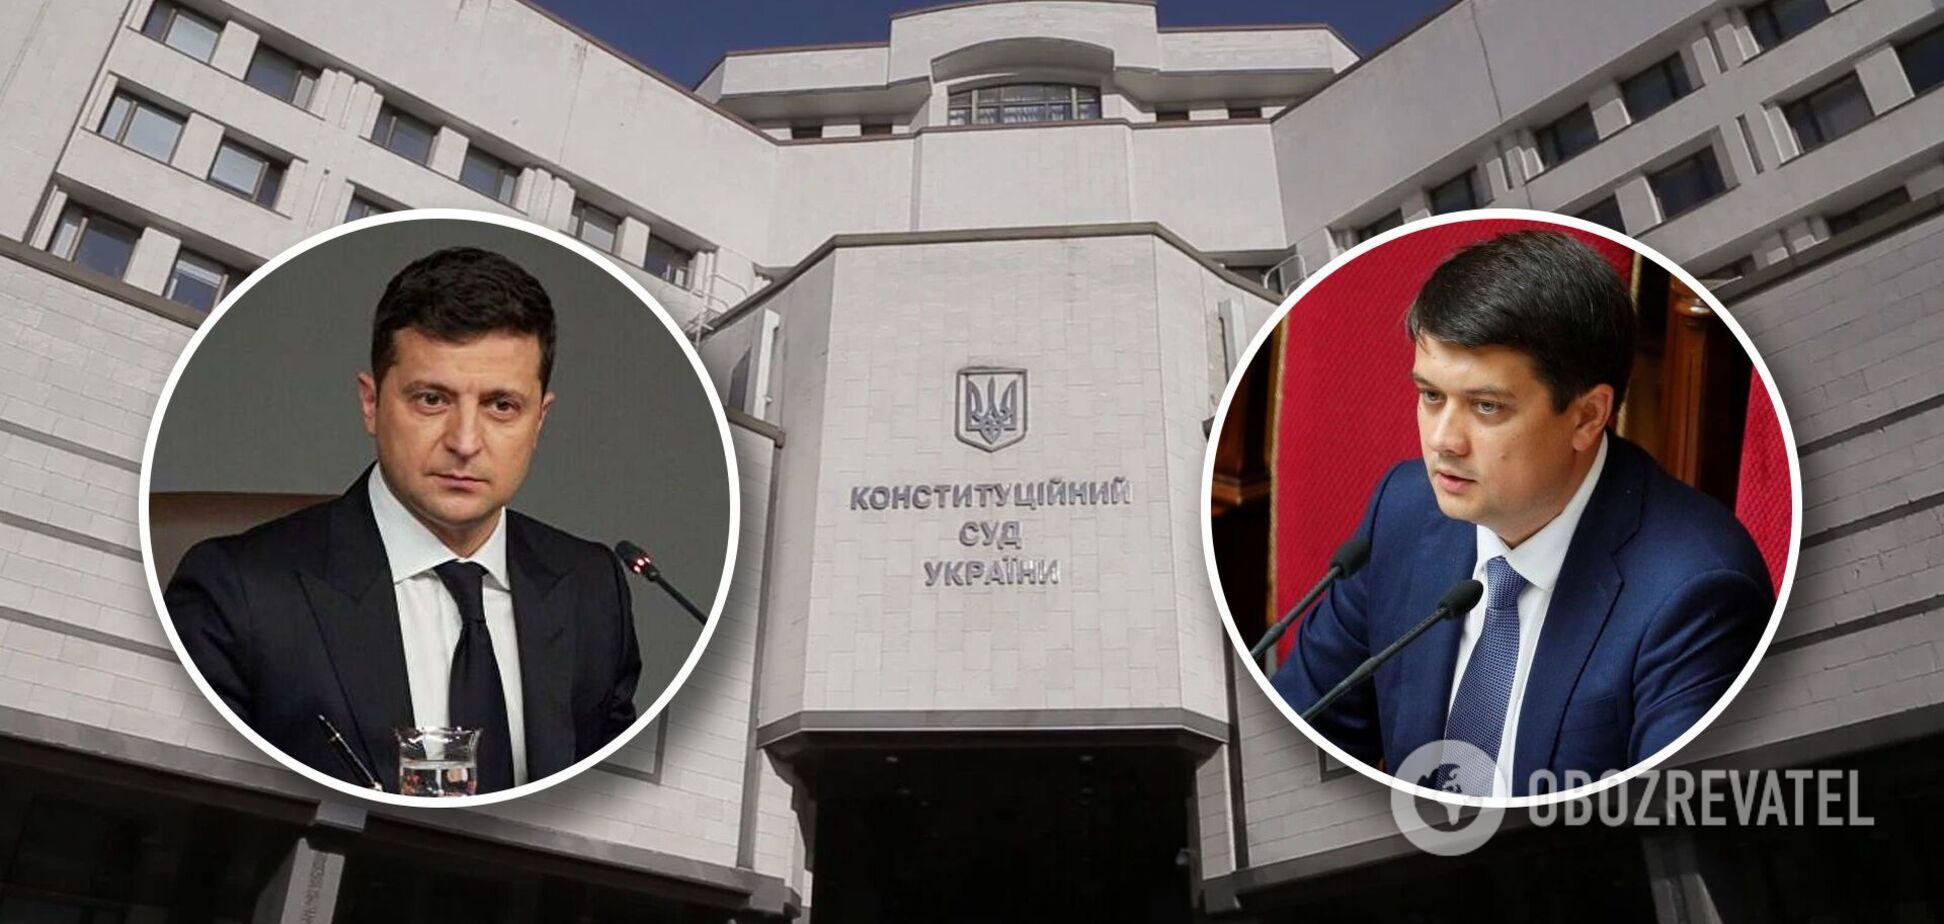 Конституционный кризис в Украине: Зеленский и Разумков поставили 'слуг' перед сложным выбором